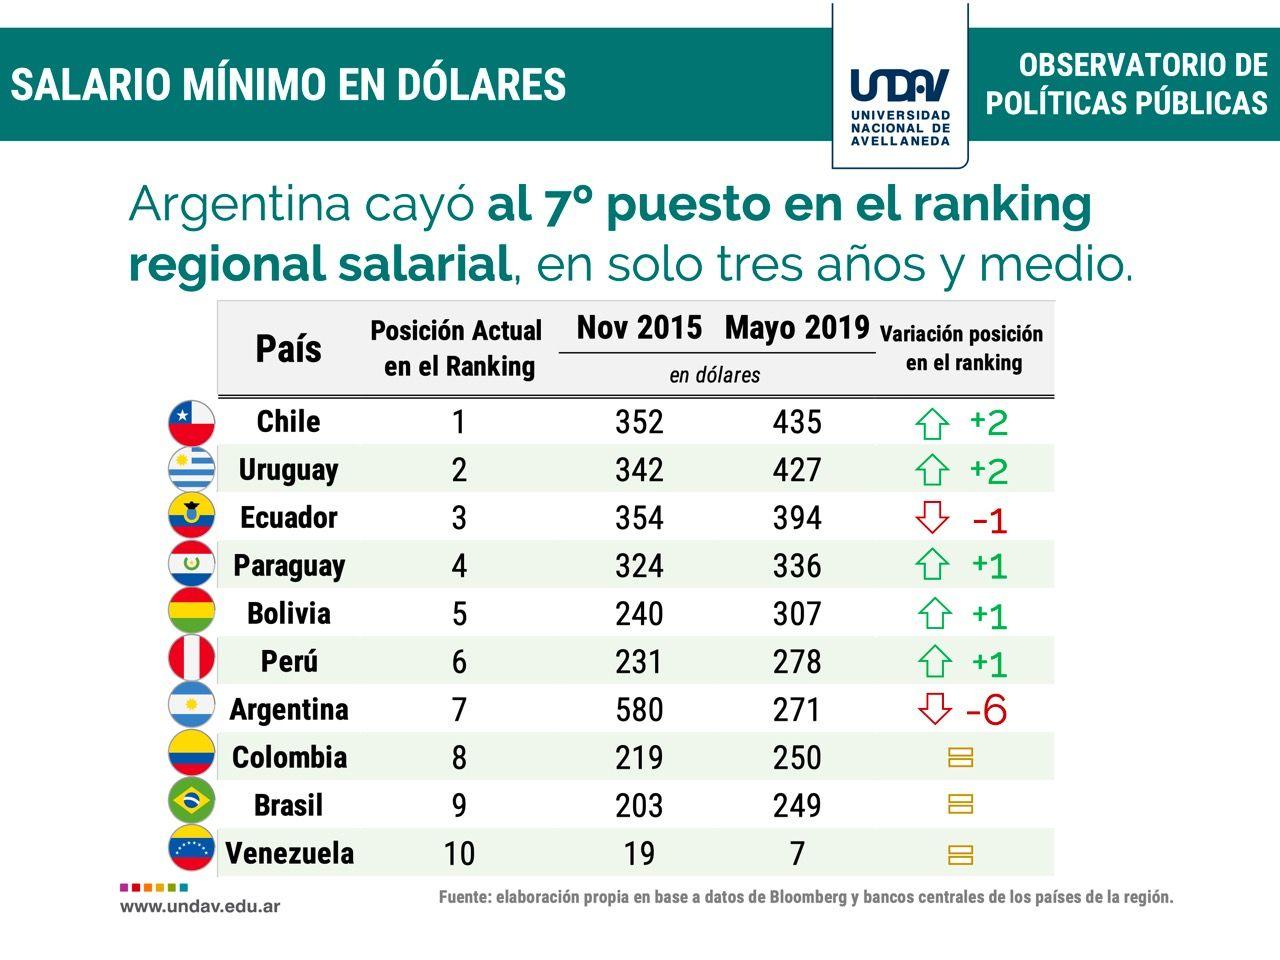 Día del Padre: Argentina es el país más caro de la región para hacer un regalo con un sueldo mínimo